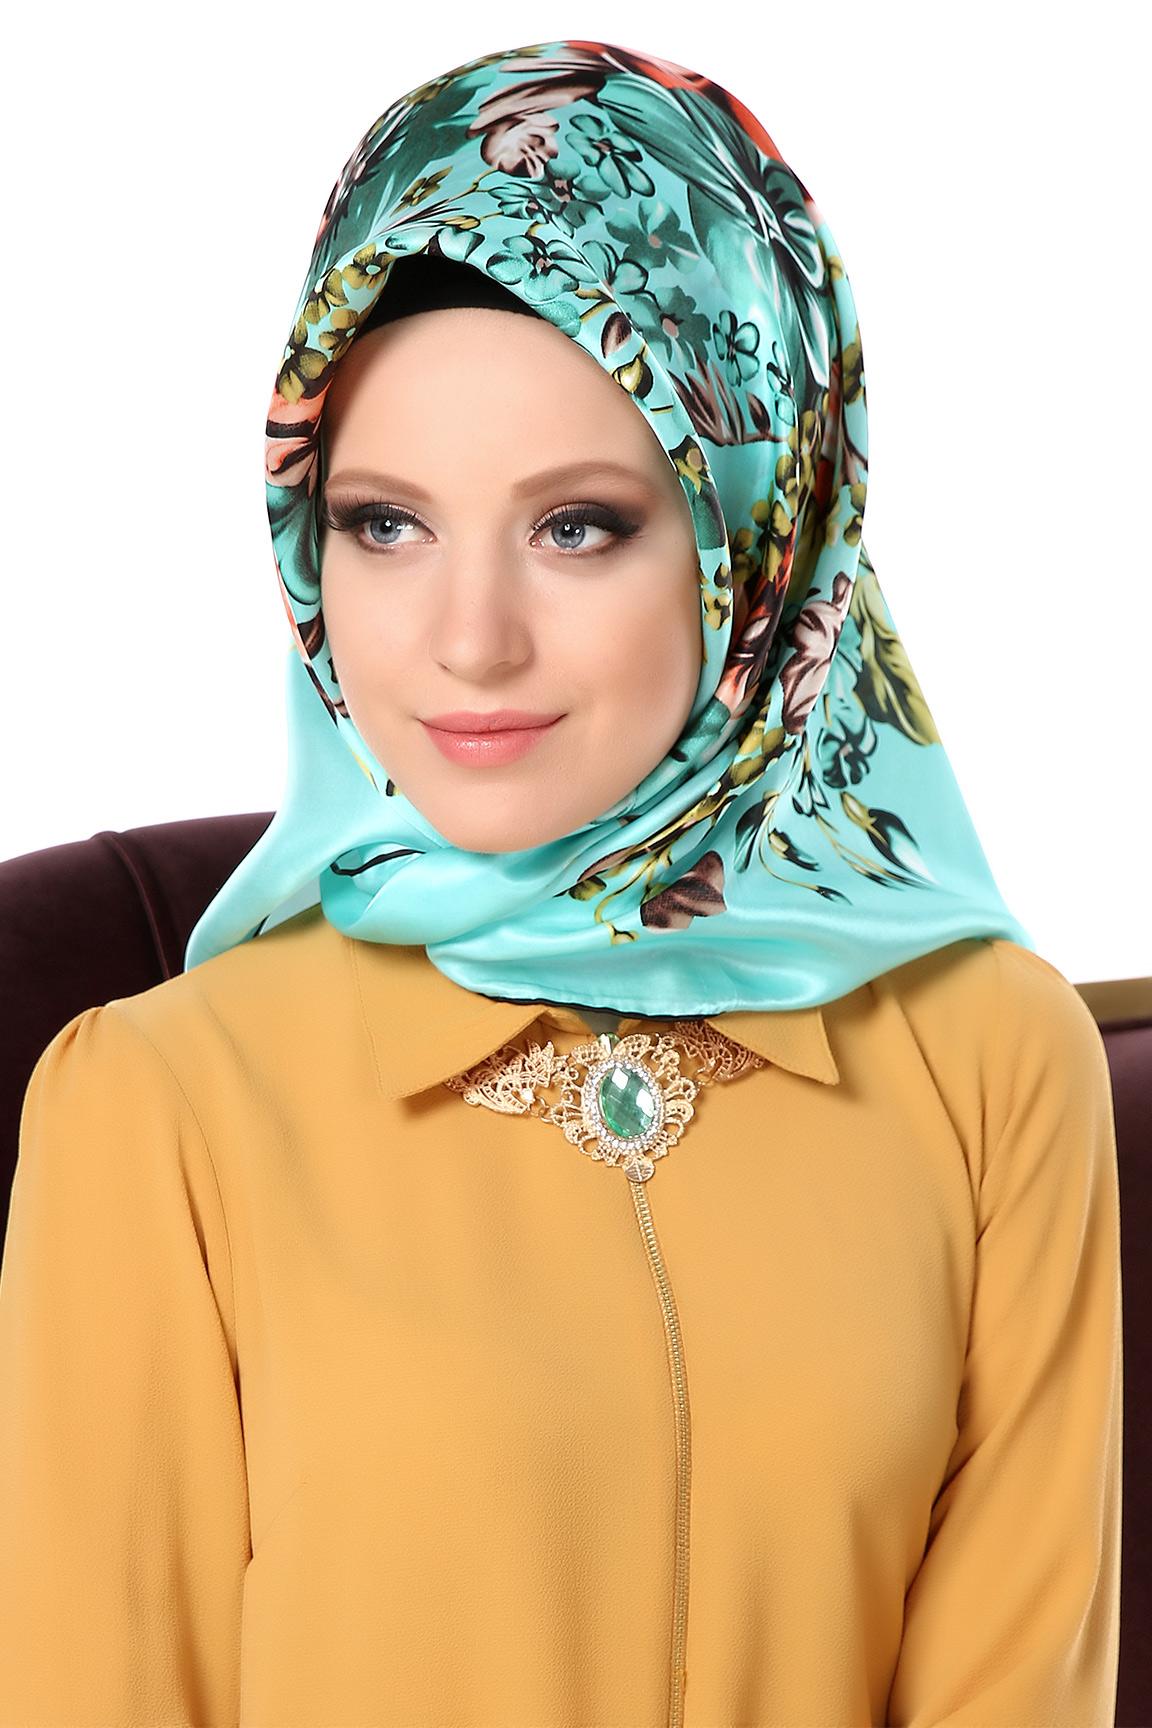 بالصور طرق لف الحجاب التركي , لفات حجاب جديده وعصريه 2457 11